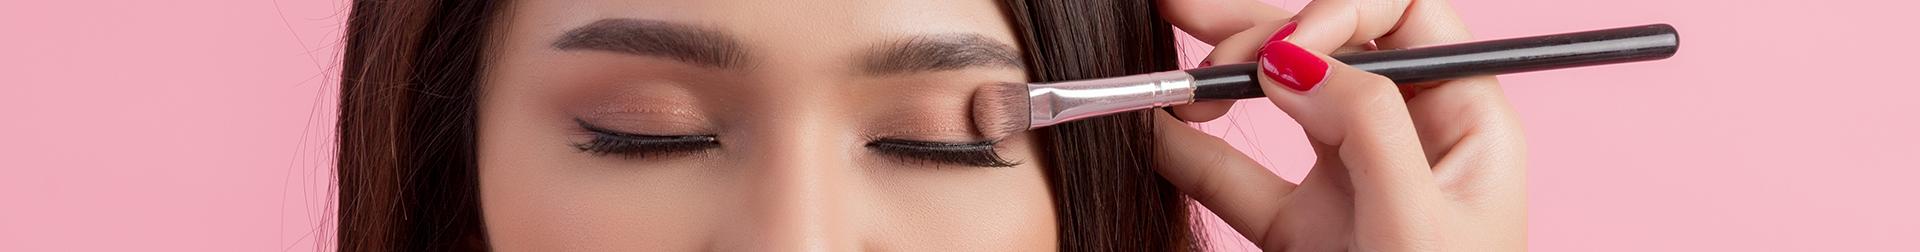 Makeup Products | Eye Shadow - Buy Eye Shadow Products | AromaCraze